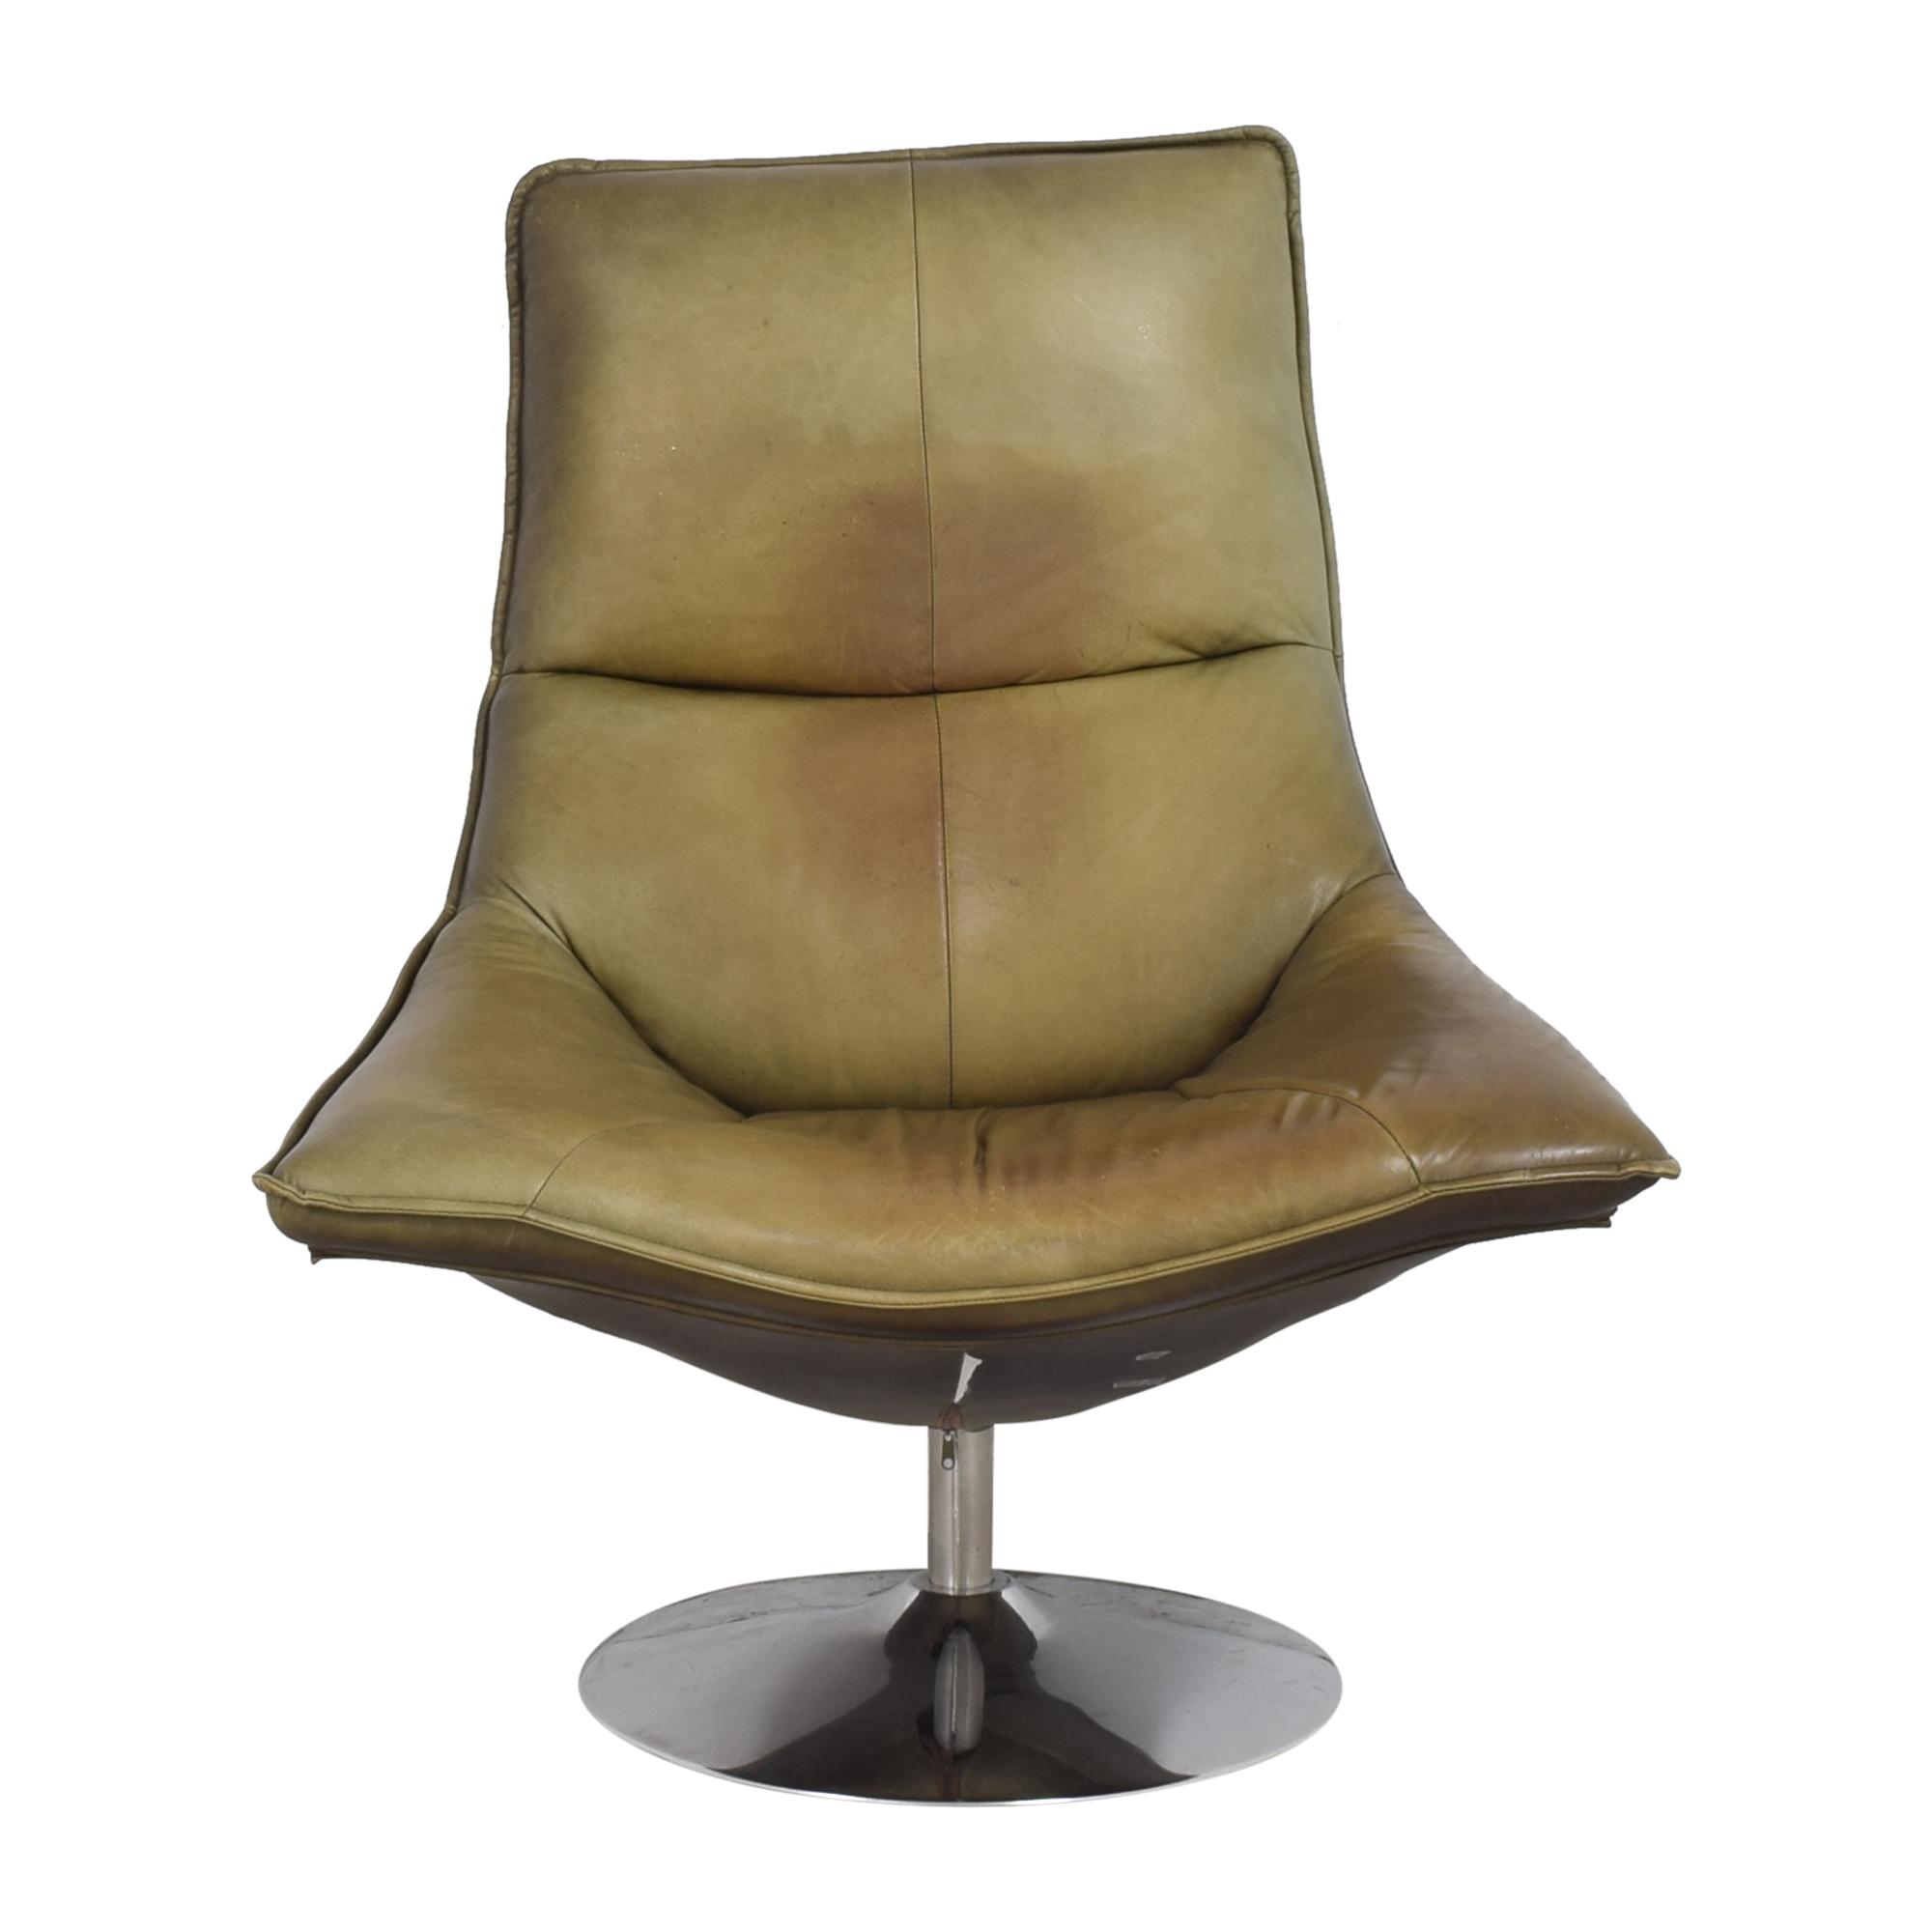 Restoration Hardware Restoration Hardware Hopper Swivel Bucket Chair